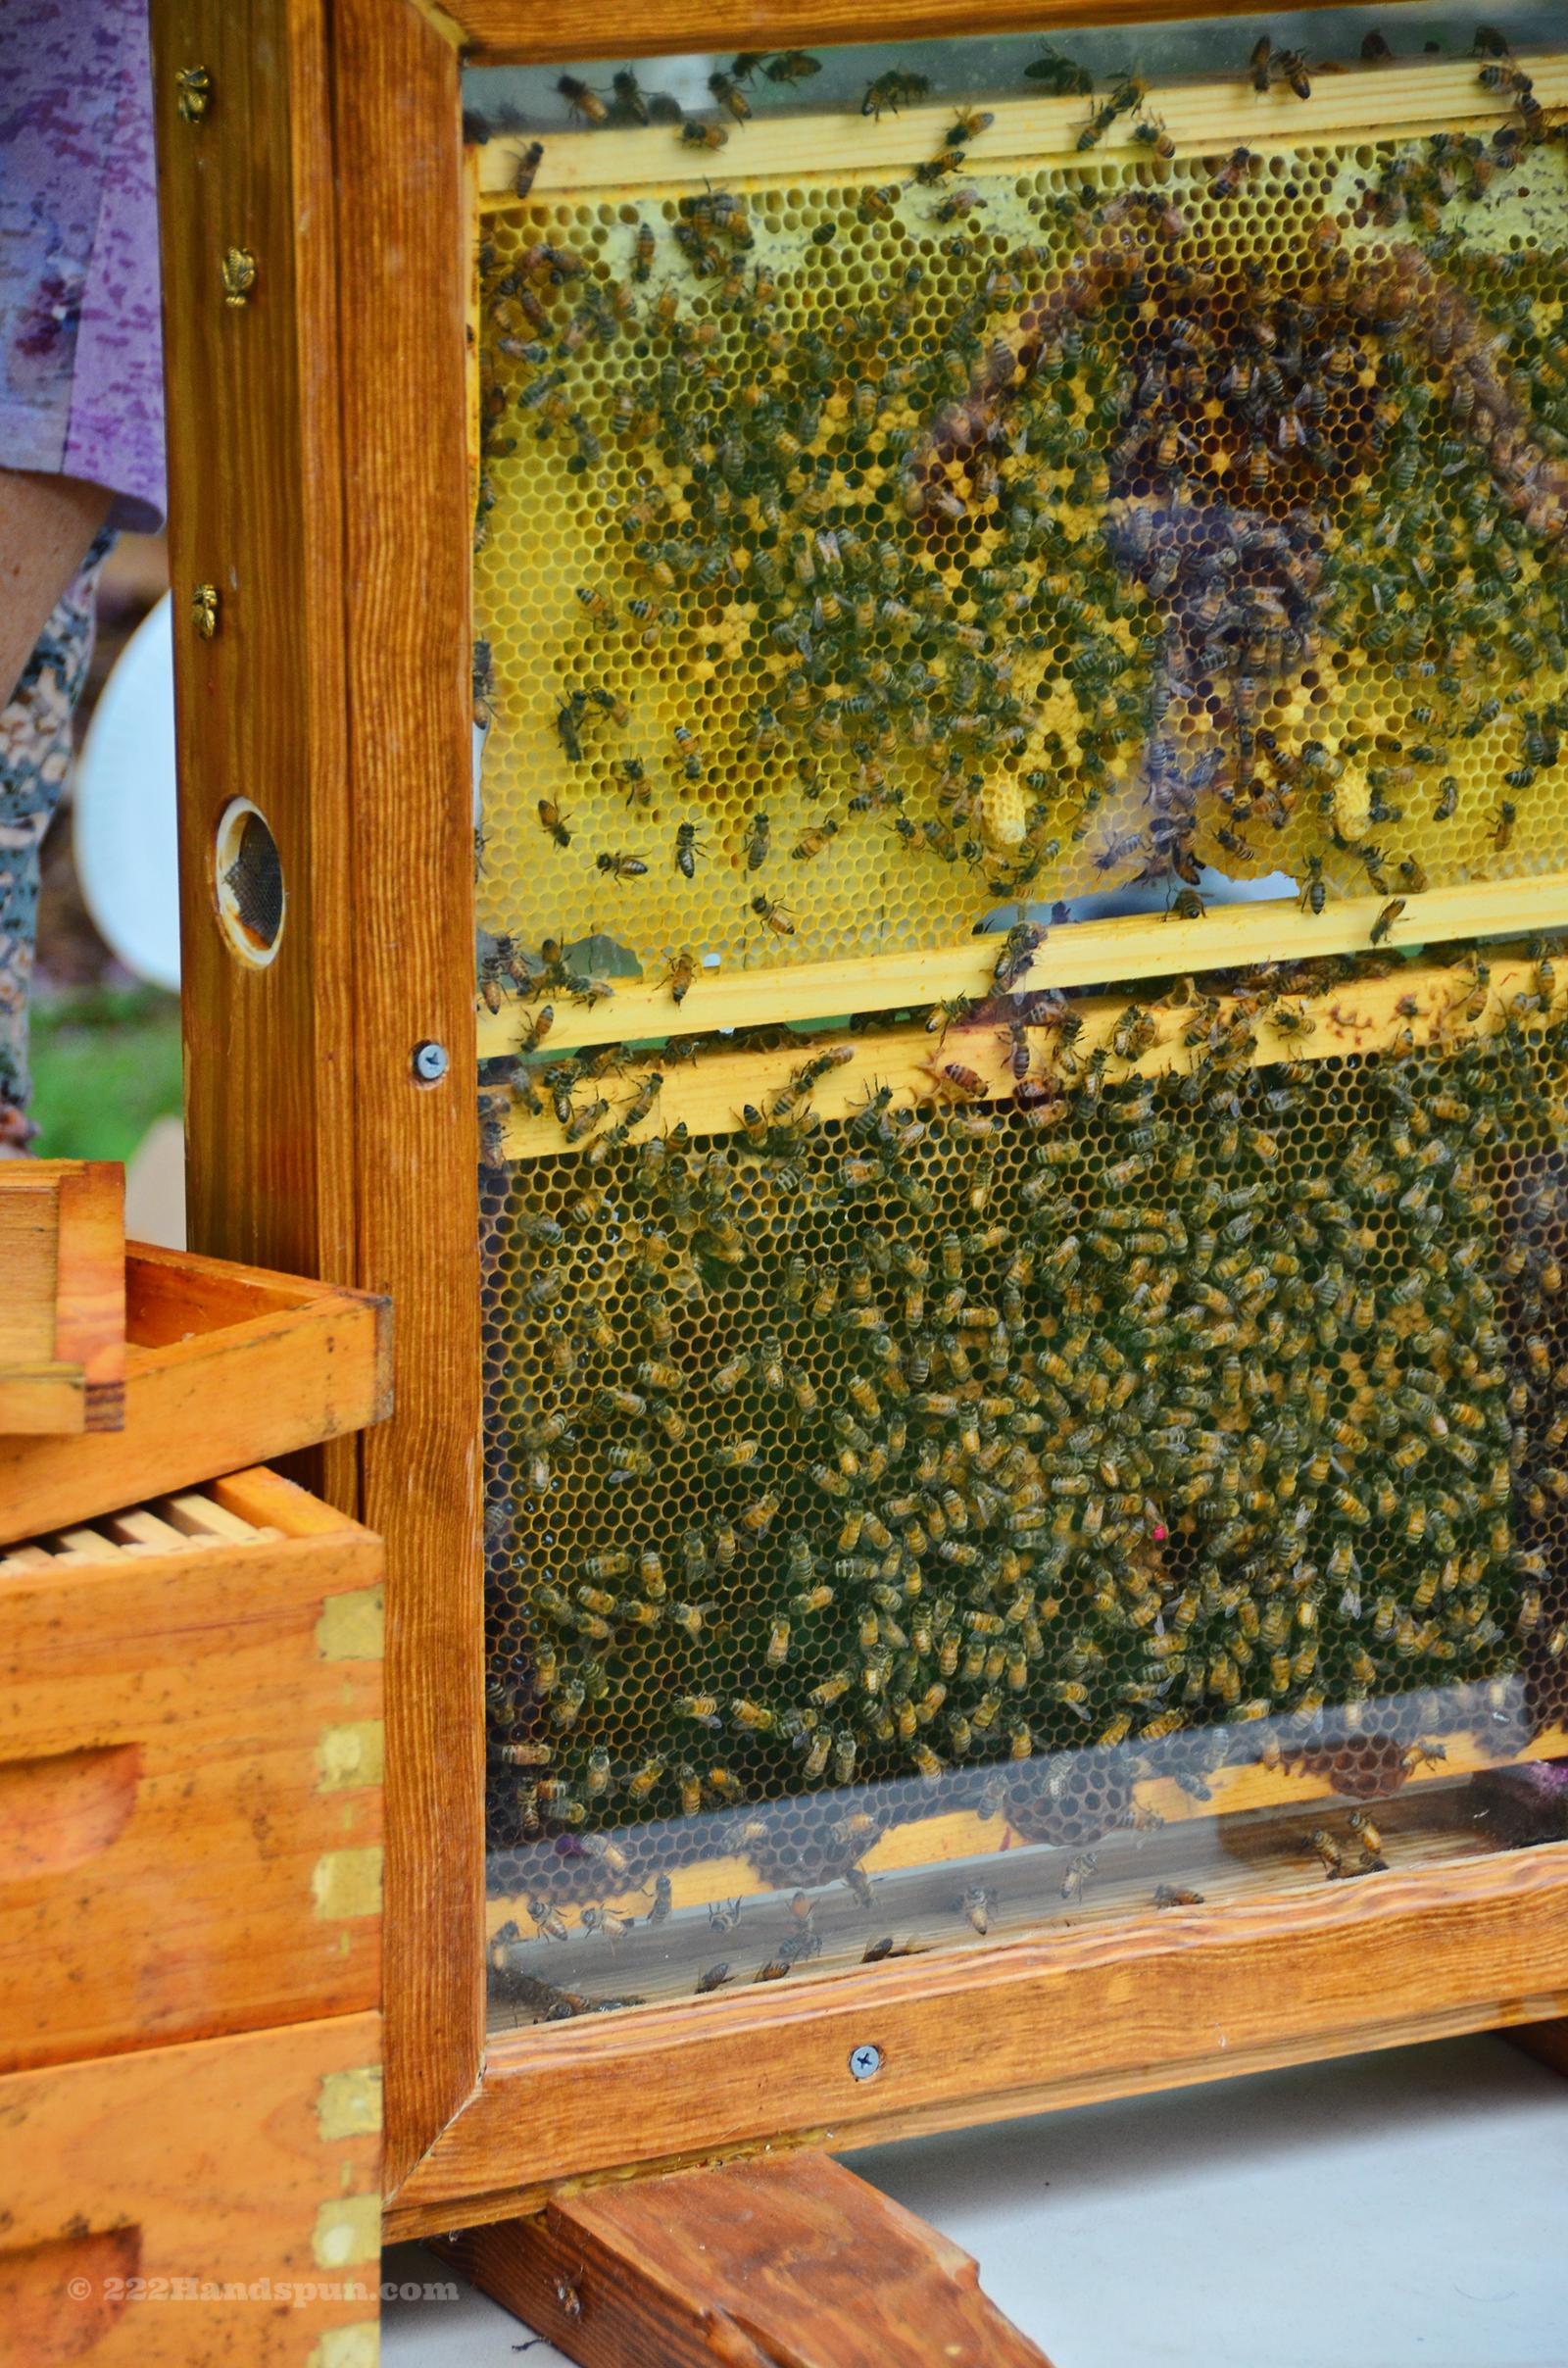 Honey Vendor at the Market